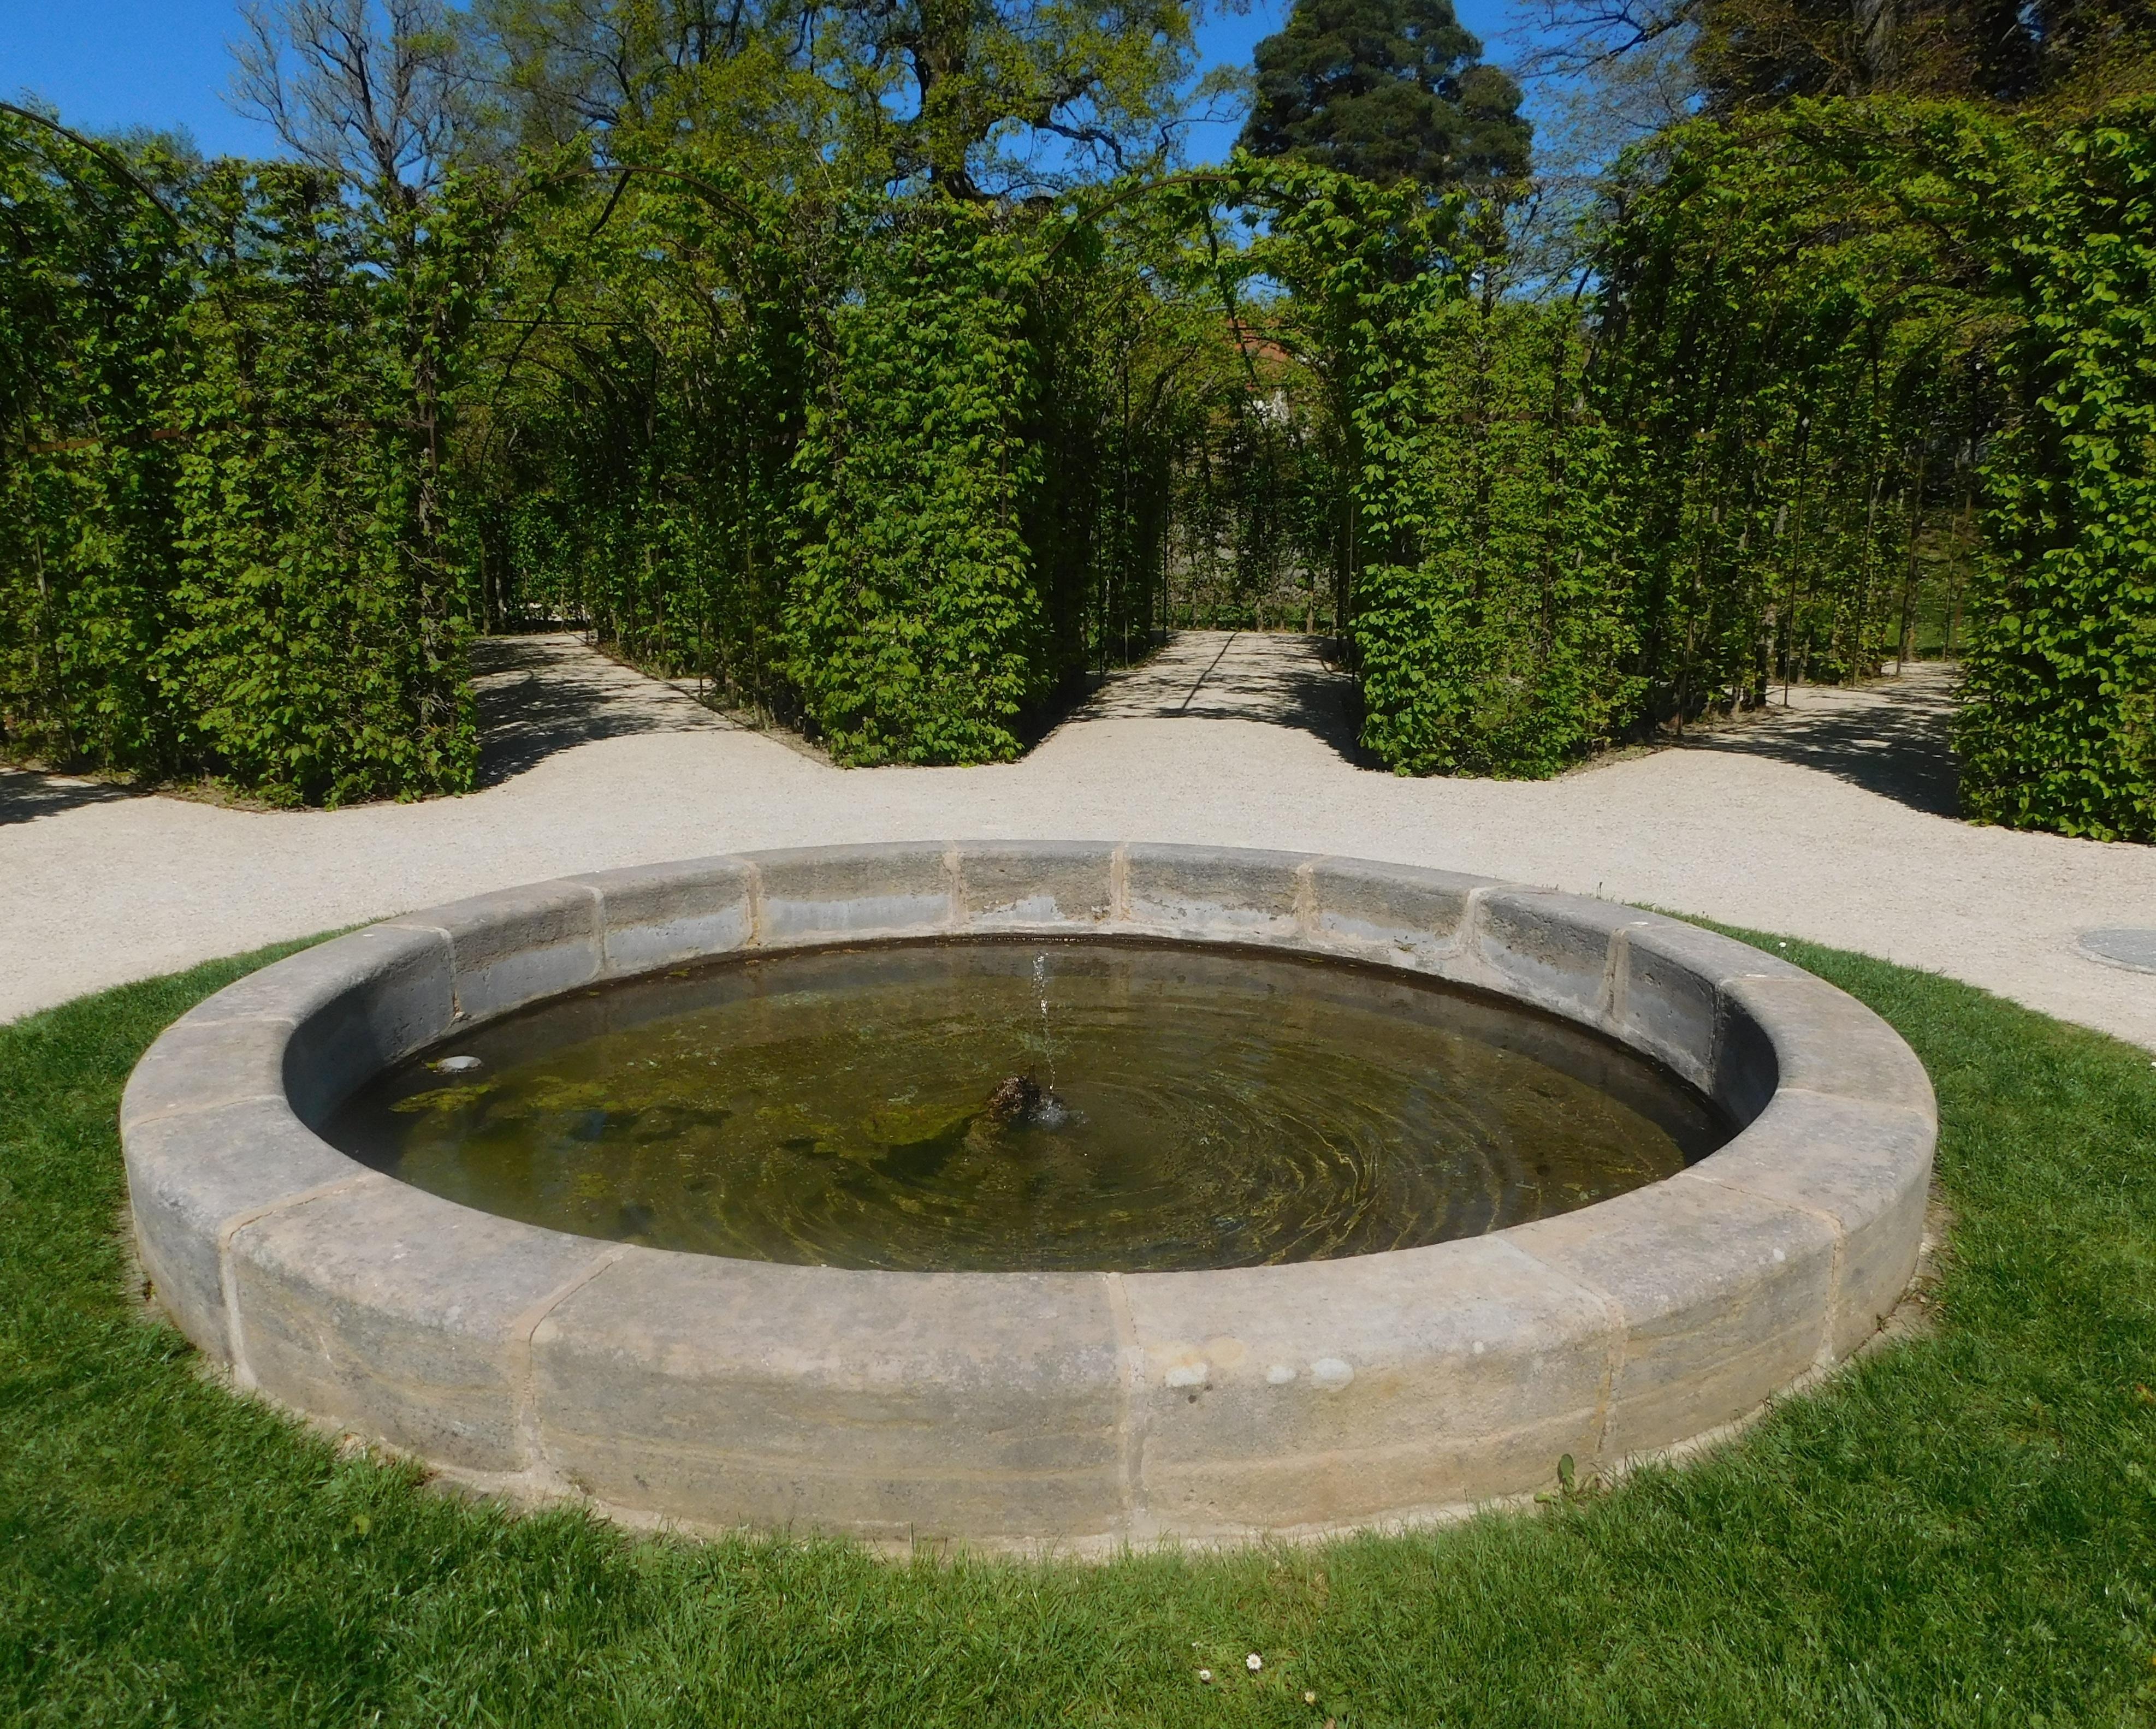 kostenlose foto gras rasen teich gr n hinterhof romantisch garten brunnen labyrinth. Black Bedroom Furniture Sets. Home Design Ideas